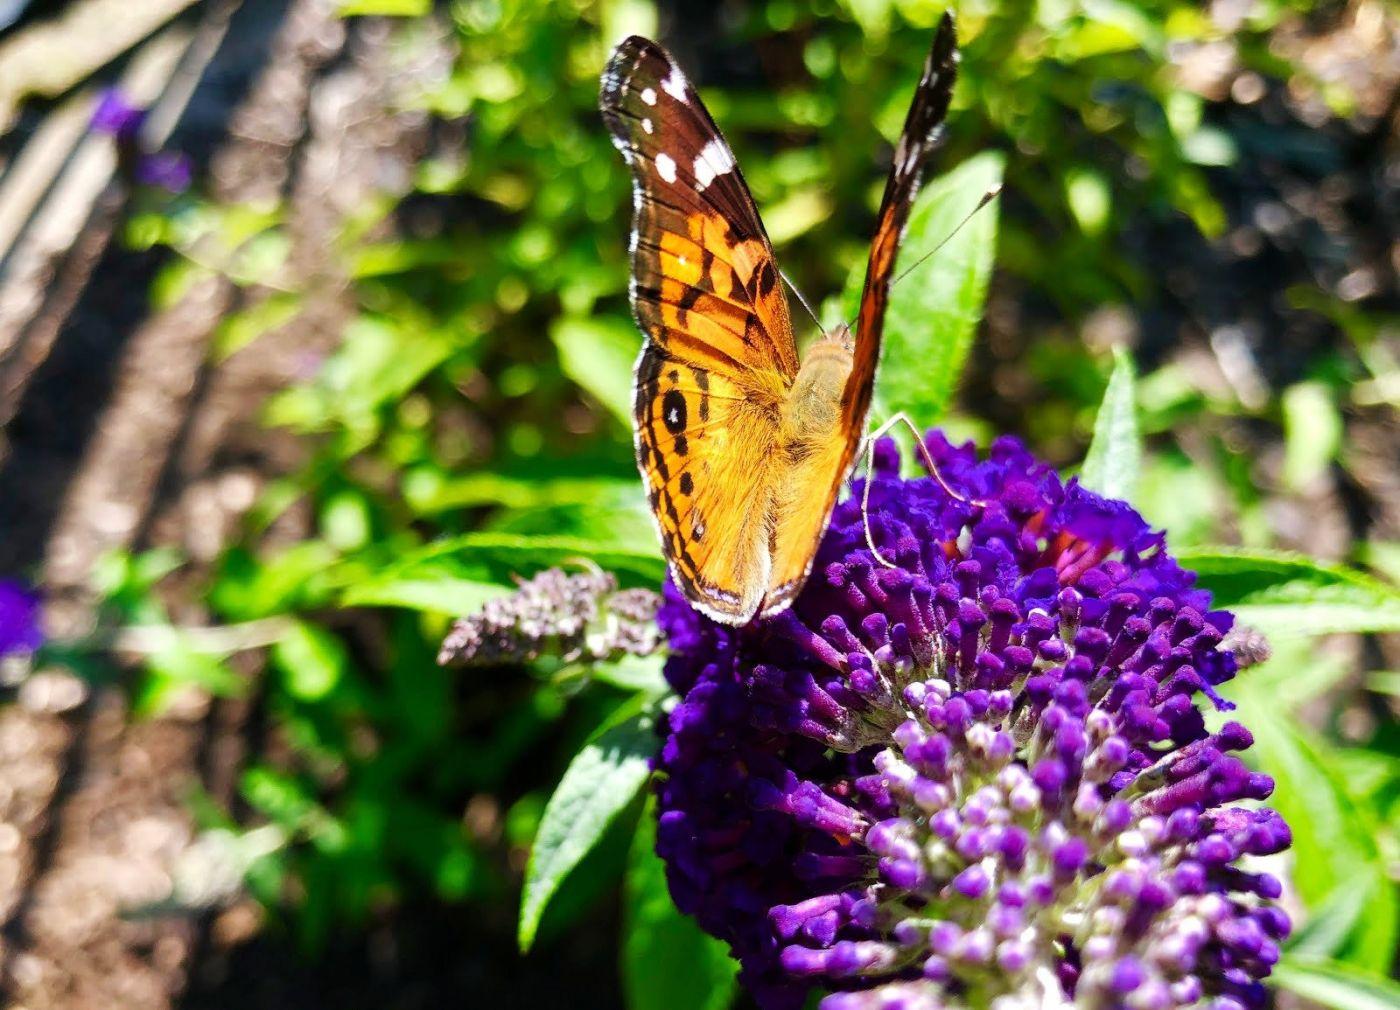 7月的蜜蜂.蝴蝶_图1-8